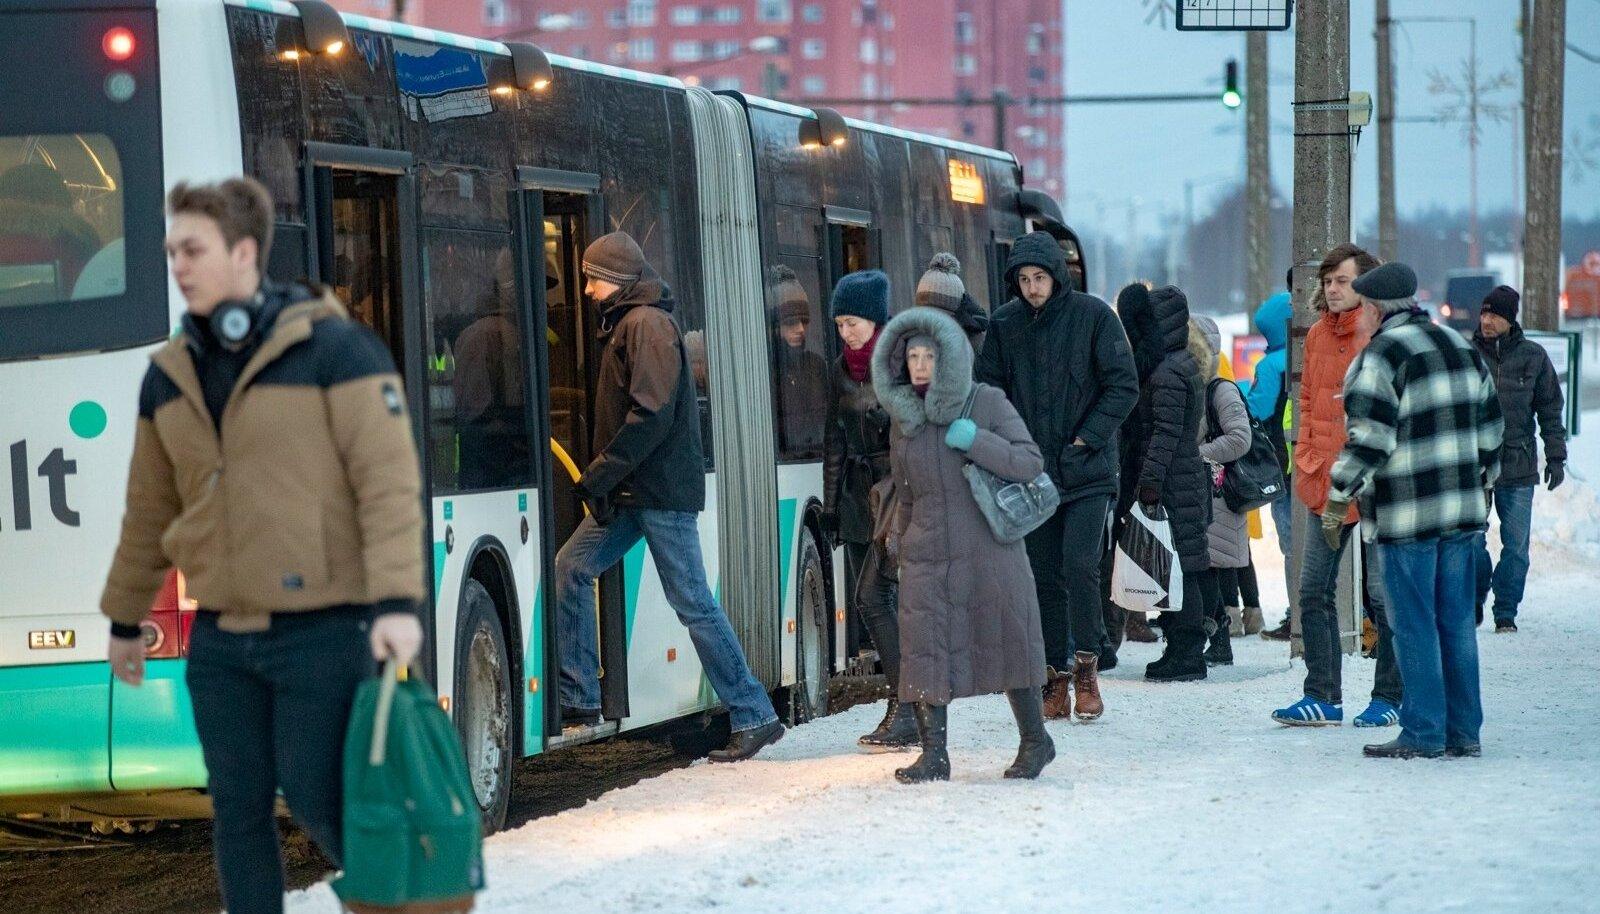 Inimesed bussipeatuses